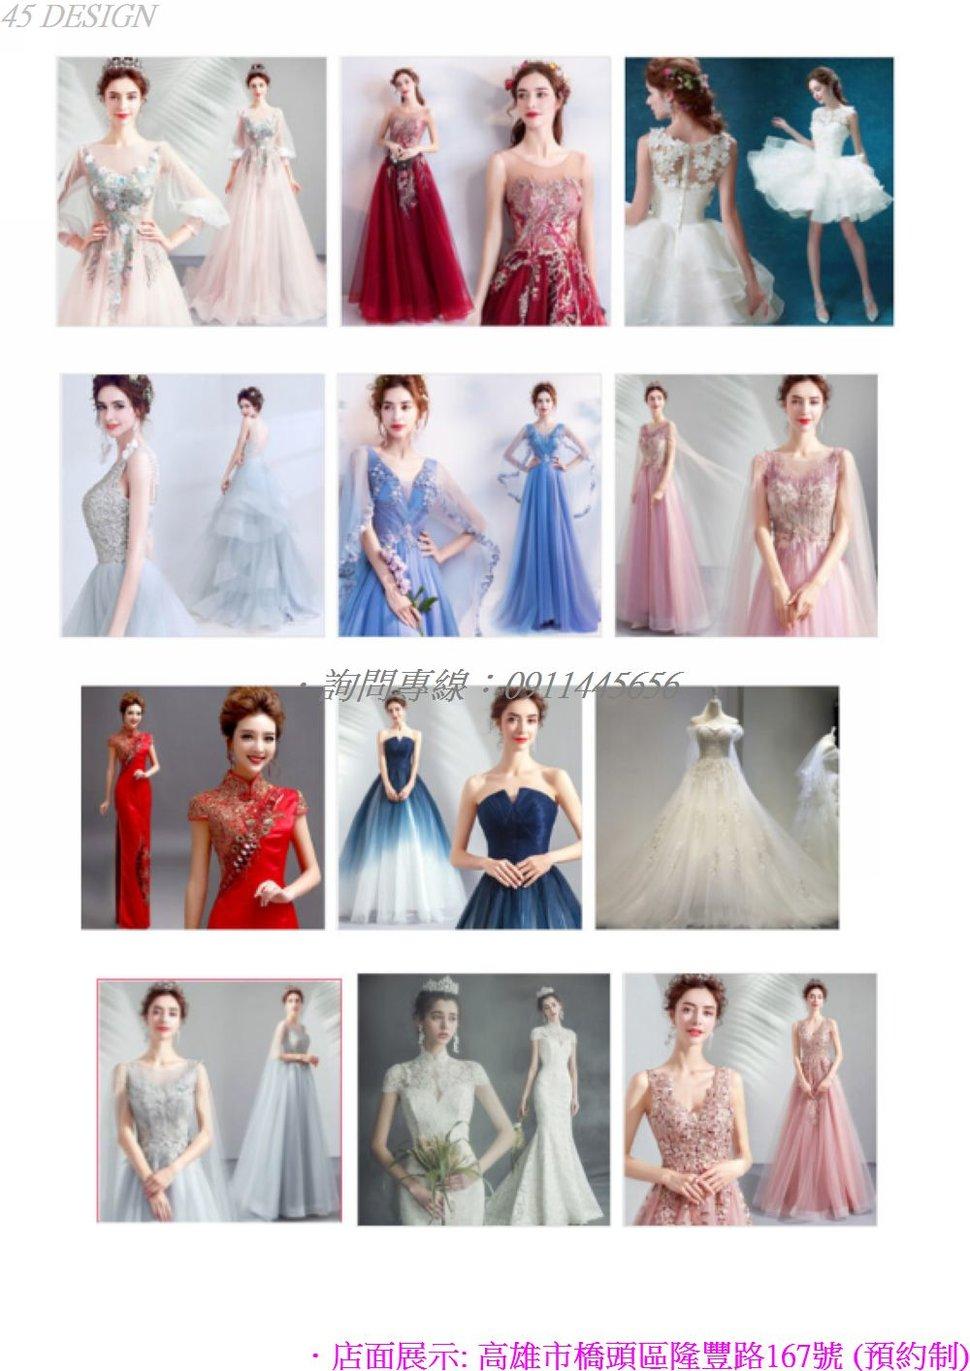 下載 (1) - 全台最便宜-45DESIGN四五婚紗禮服《結婚吧》